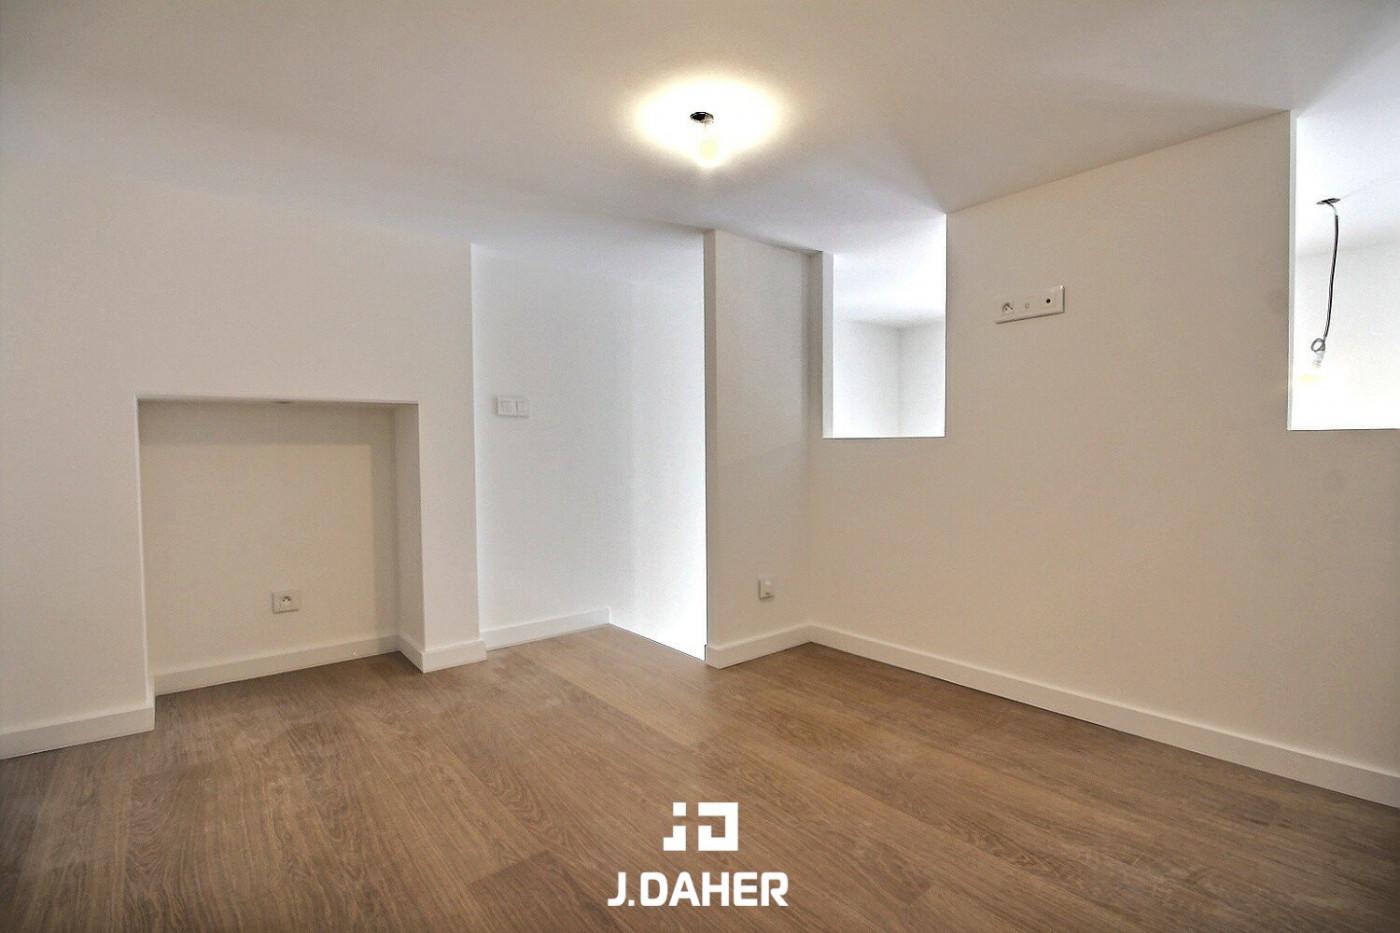 A vendre  Marseille 1er Arrondissement | Réf 130251066 - J daher immobilier